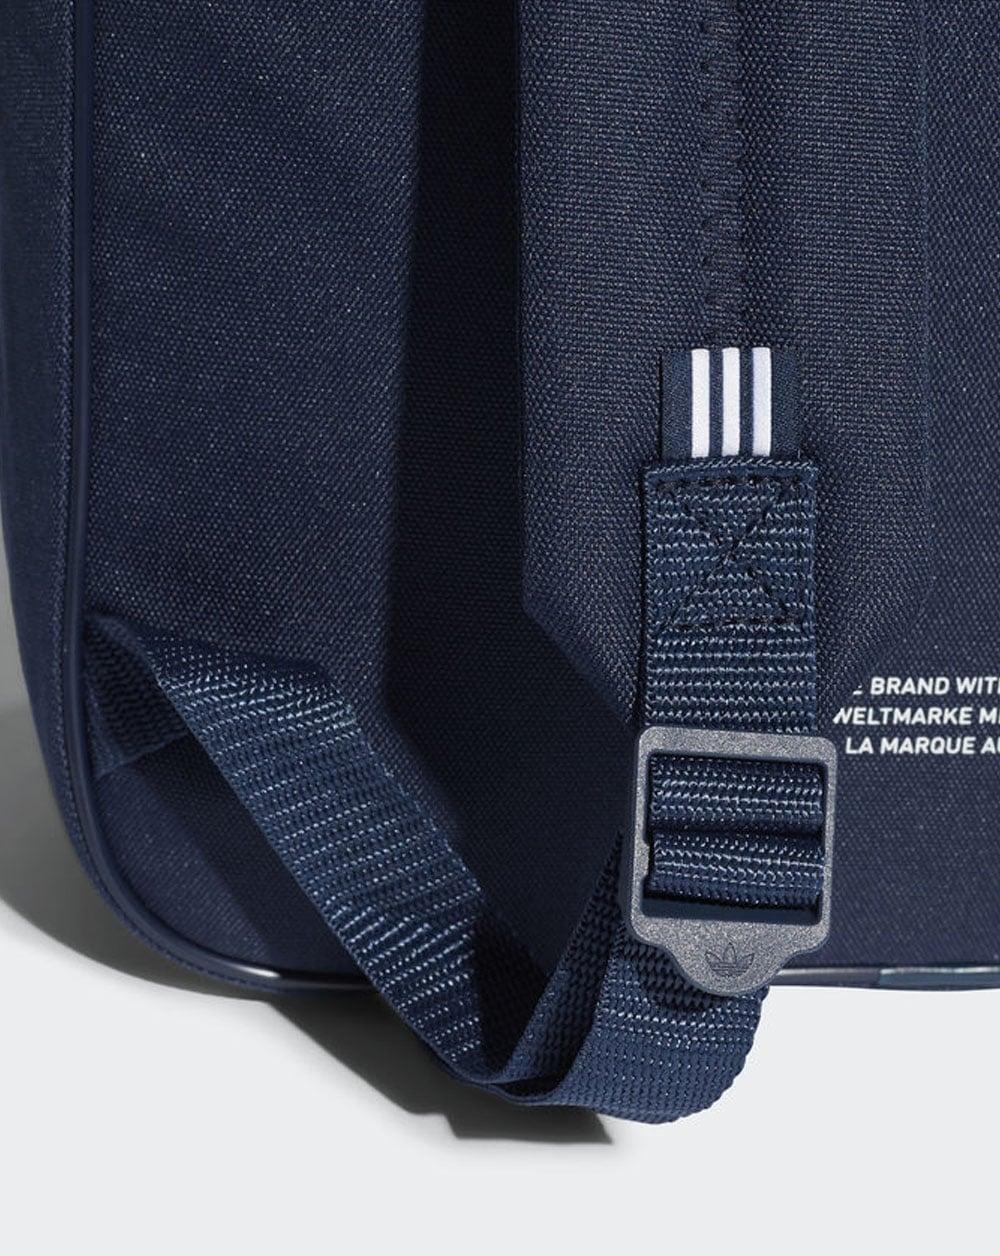 f8ec5939d76a Adidas Originals Classic Trefoil Backpack Navy